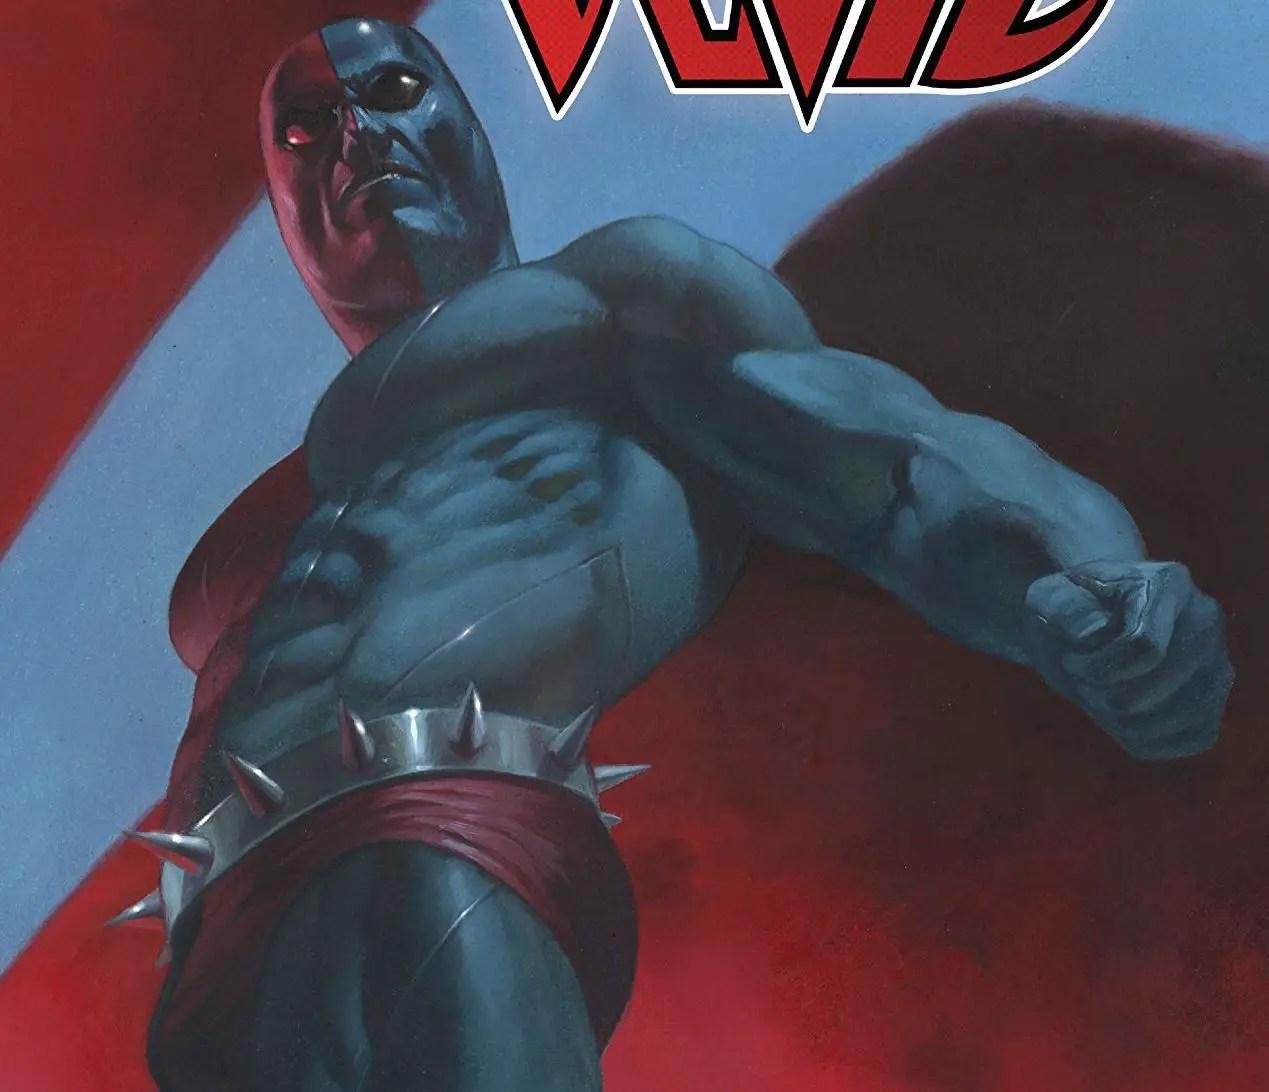 The Death-Defying Devil #1 review: a legend returns